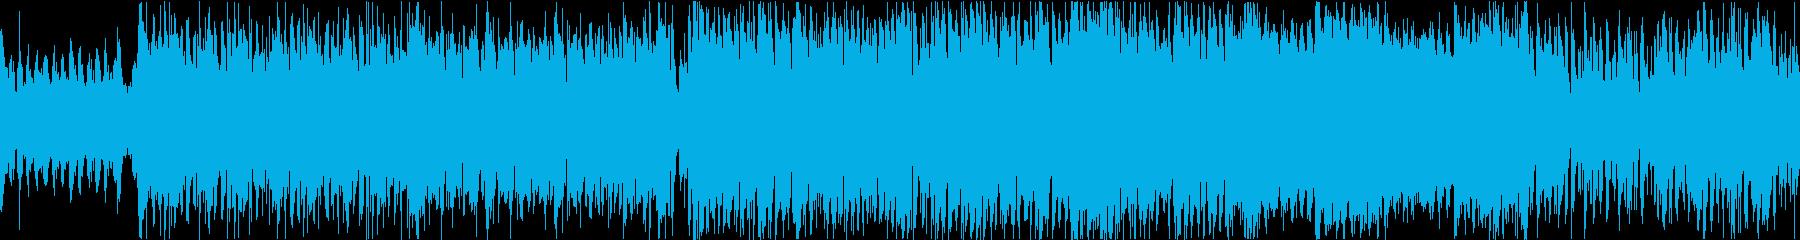 さわやかなケルト曲(ループ)の再生済みの波形